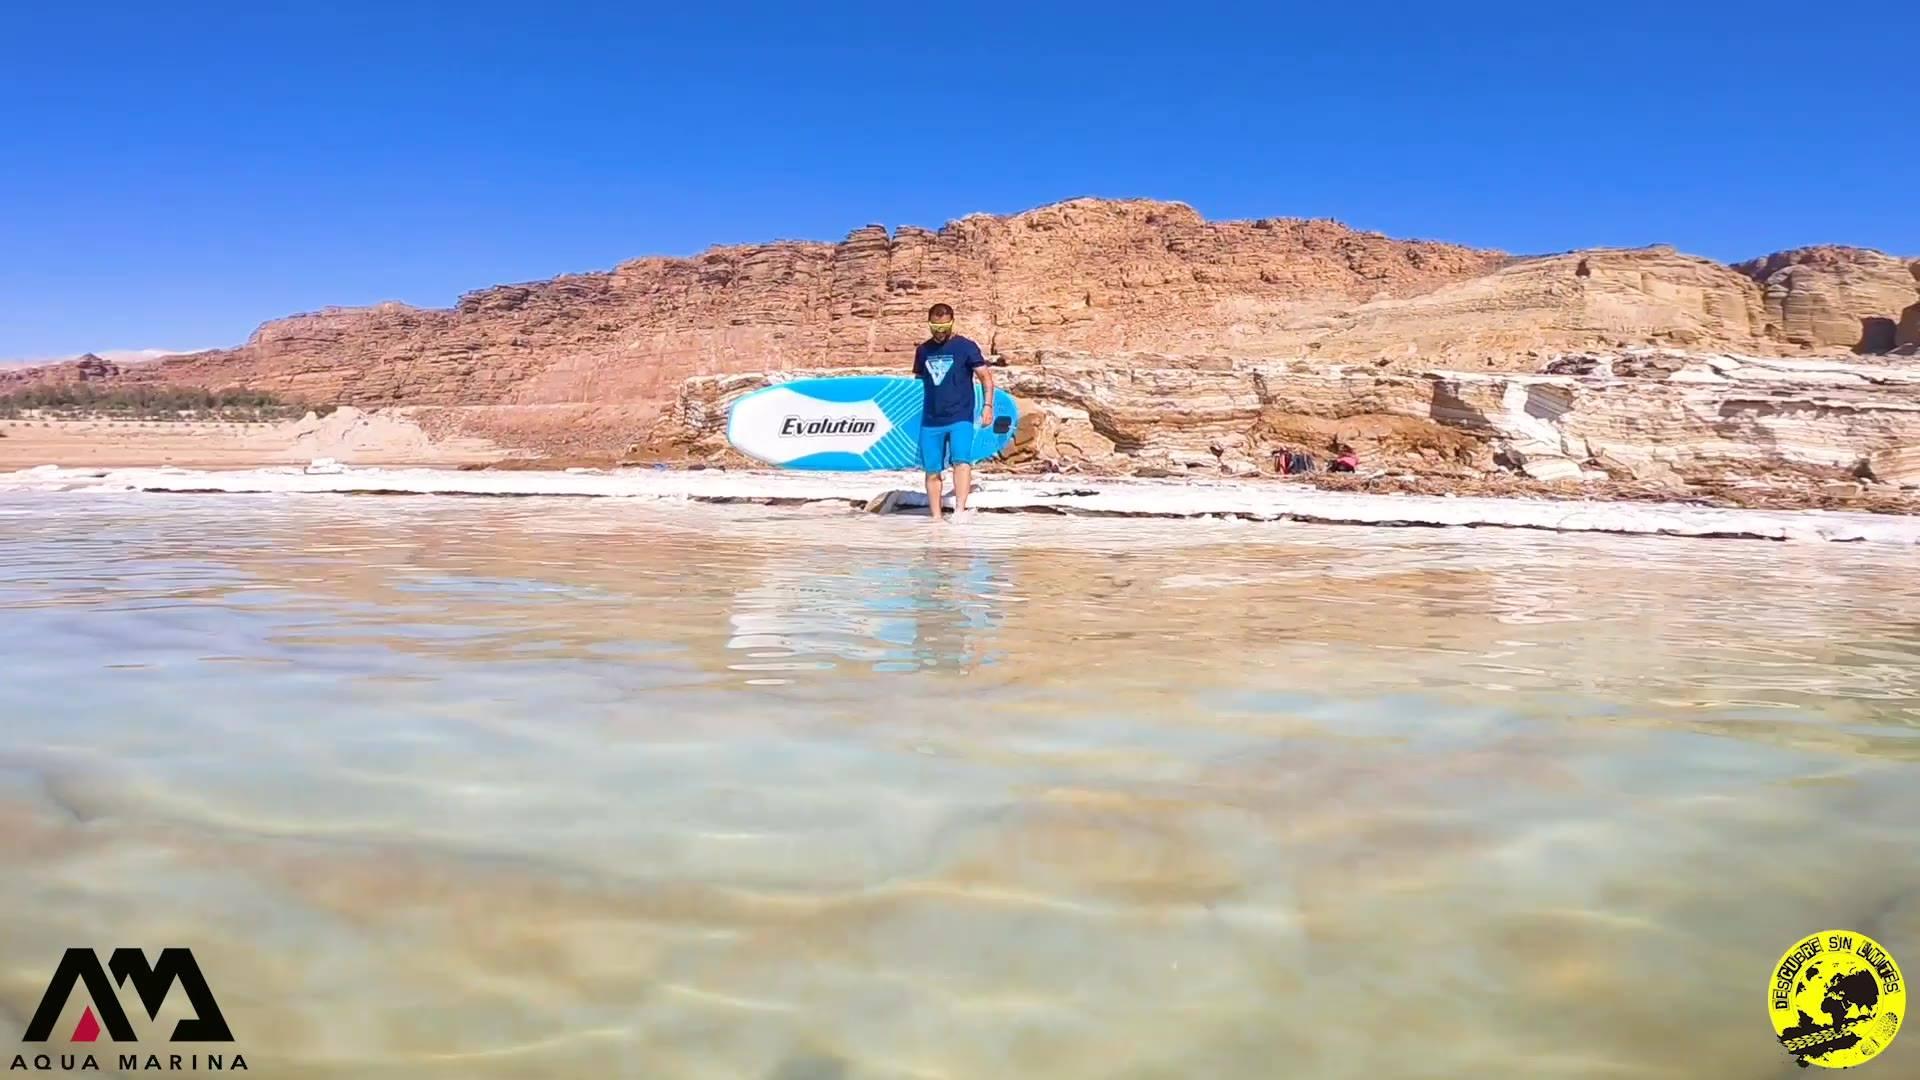 SUP en el Mar Muerto